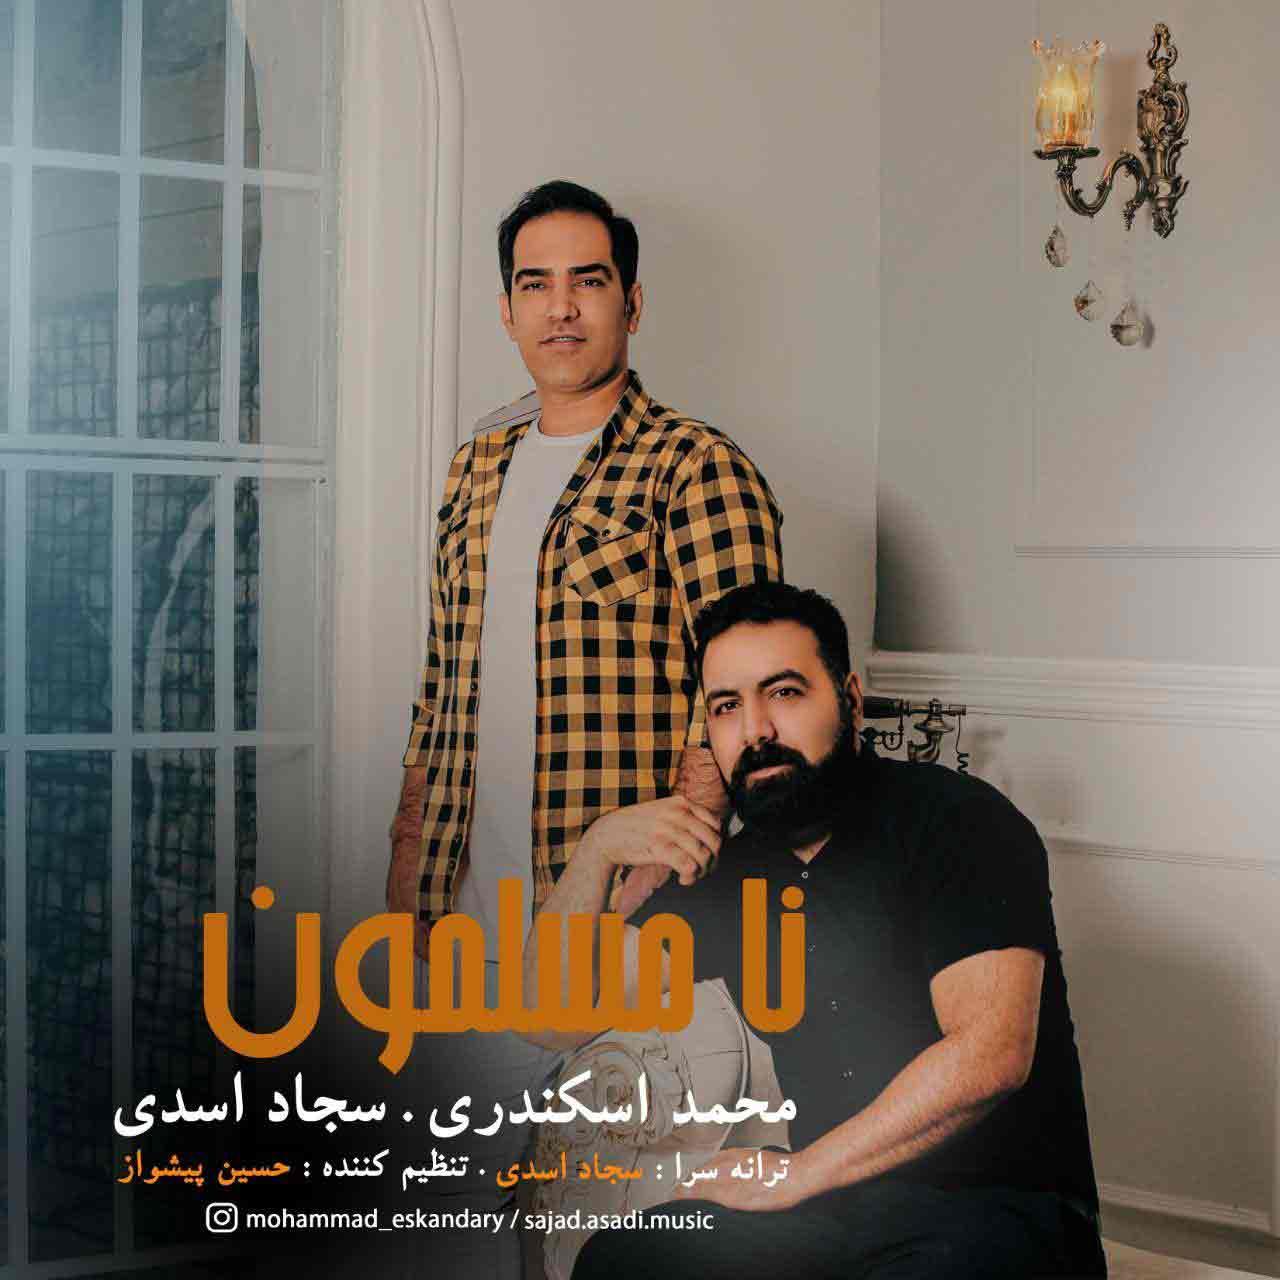 دانلود آهنگ لری نامسلمون از محمد اسکندری و سجاد اسدی